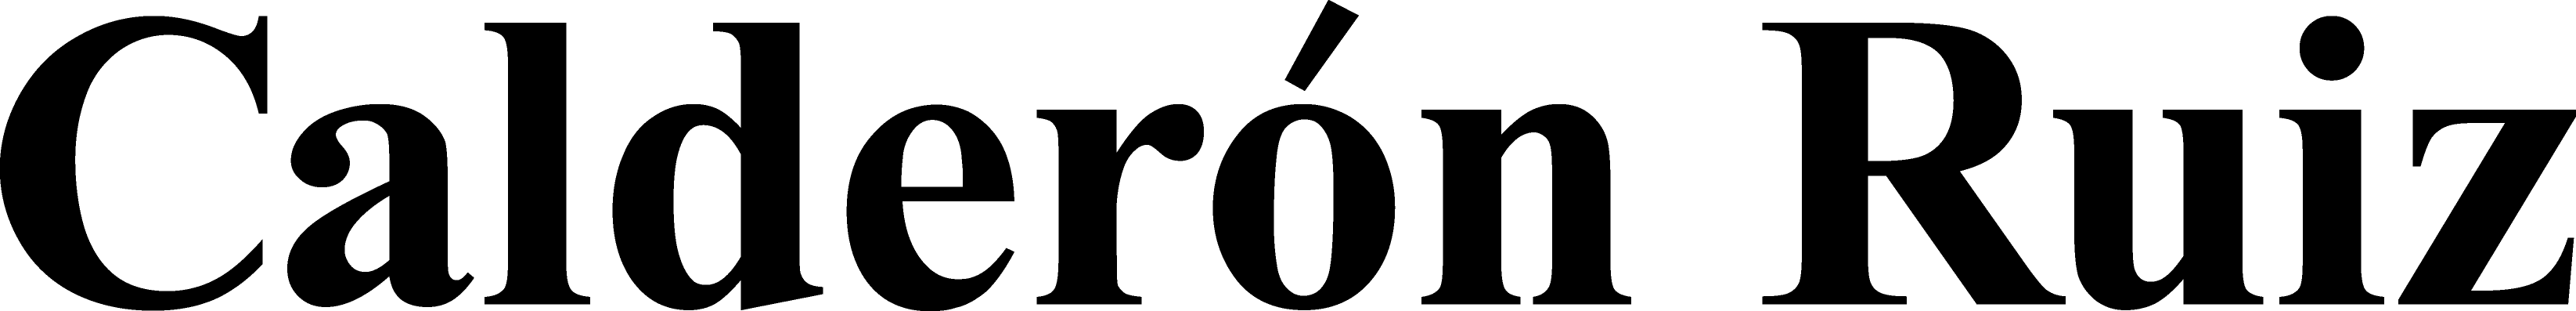 Calderón Ruiz company logo